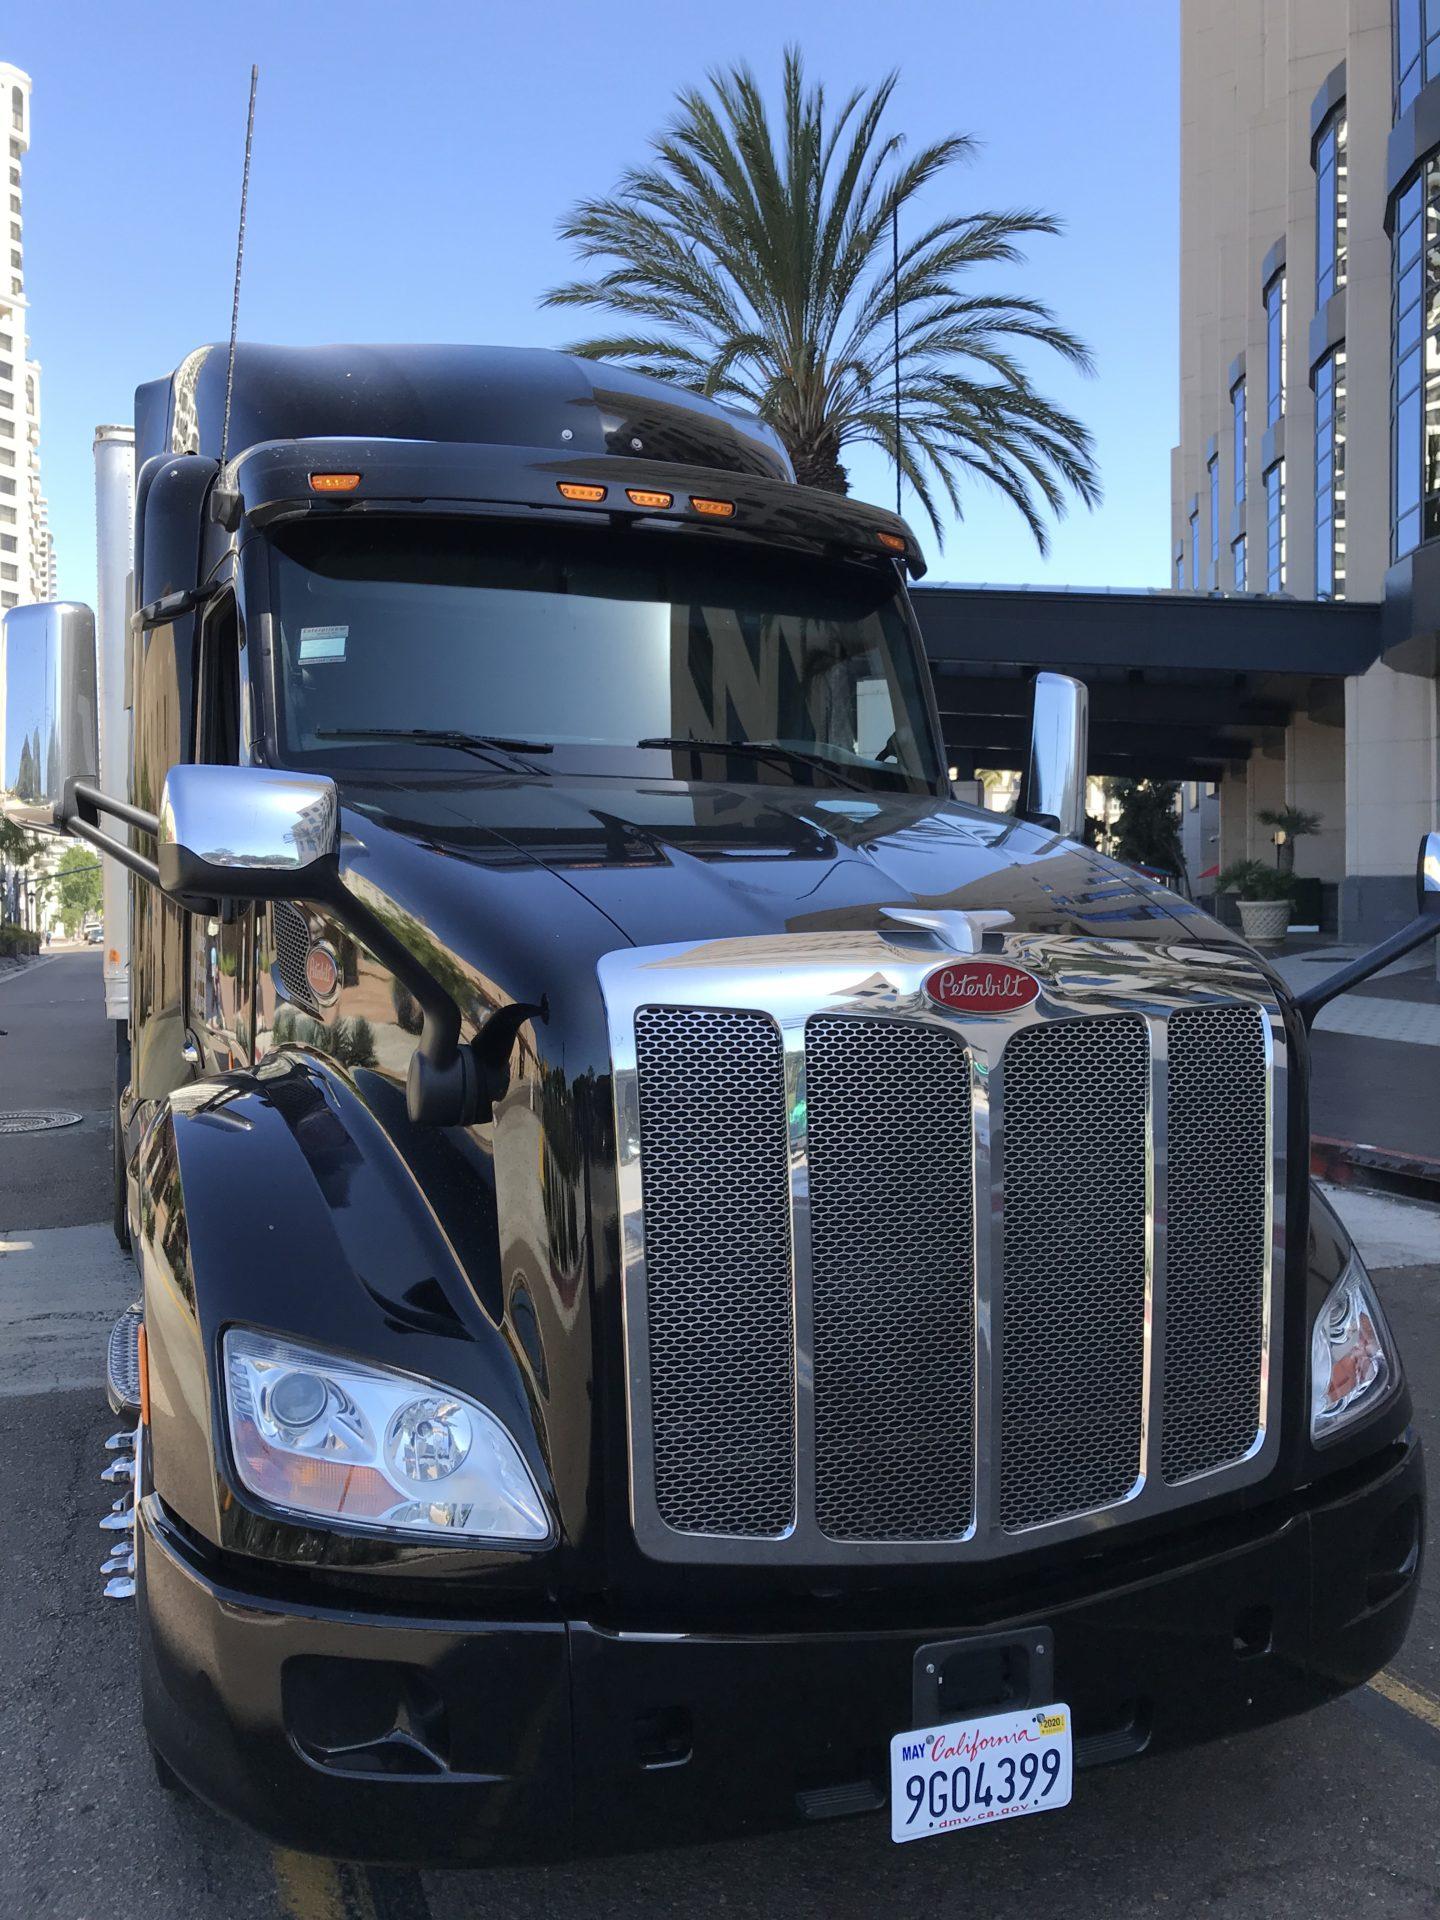 Peterbilt truck, 2019